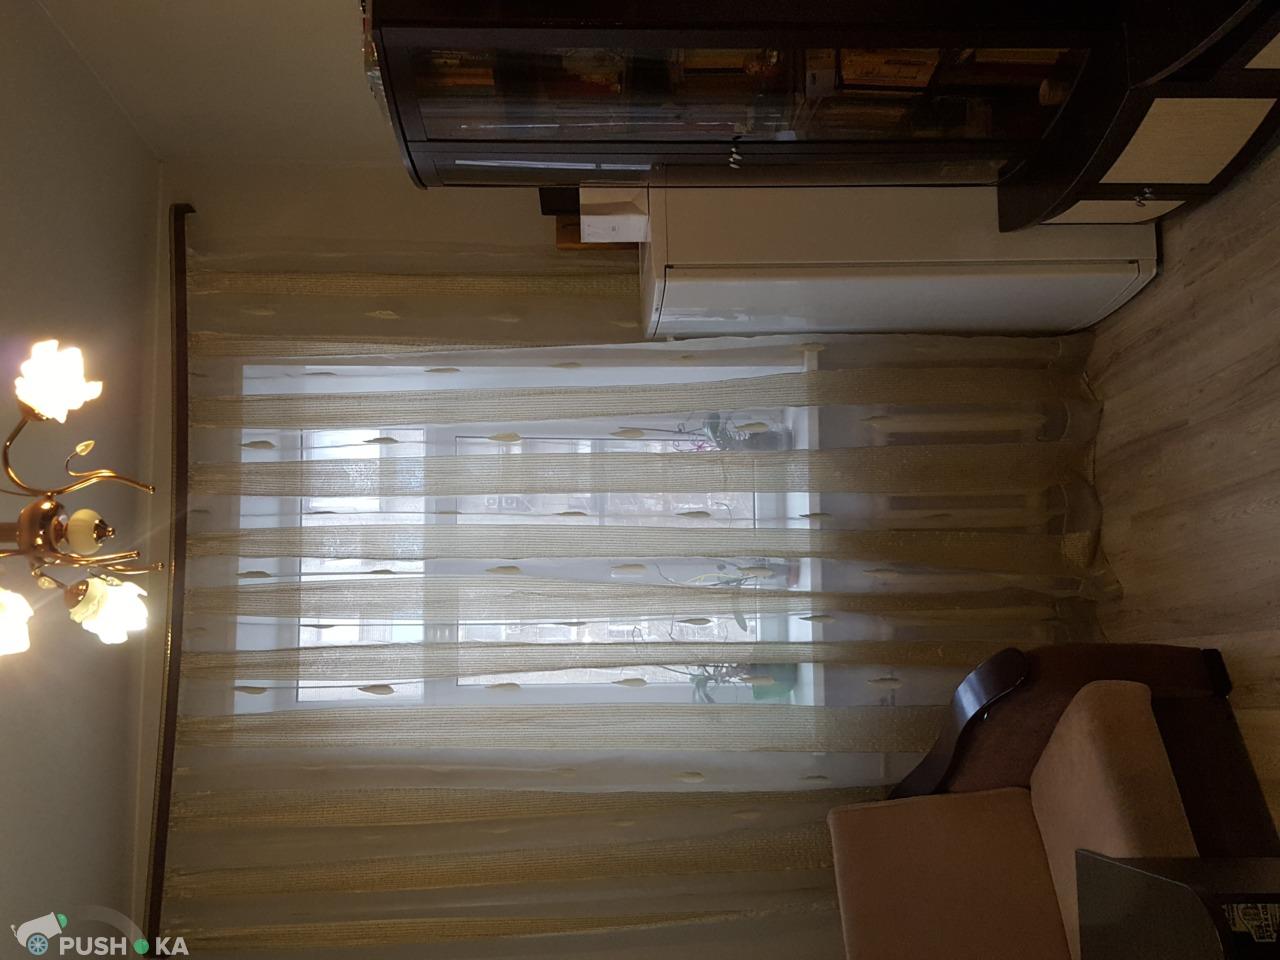 Купить трёхкомнатную квартиру г Москва, ул Фадеева, д 7 стр 3  - World Real Estate Service «PUSH-KA», объявление №628